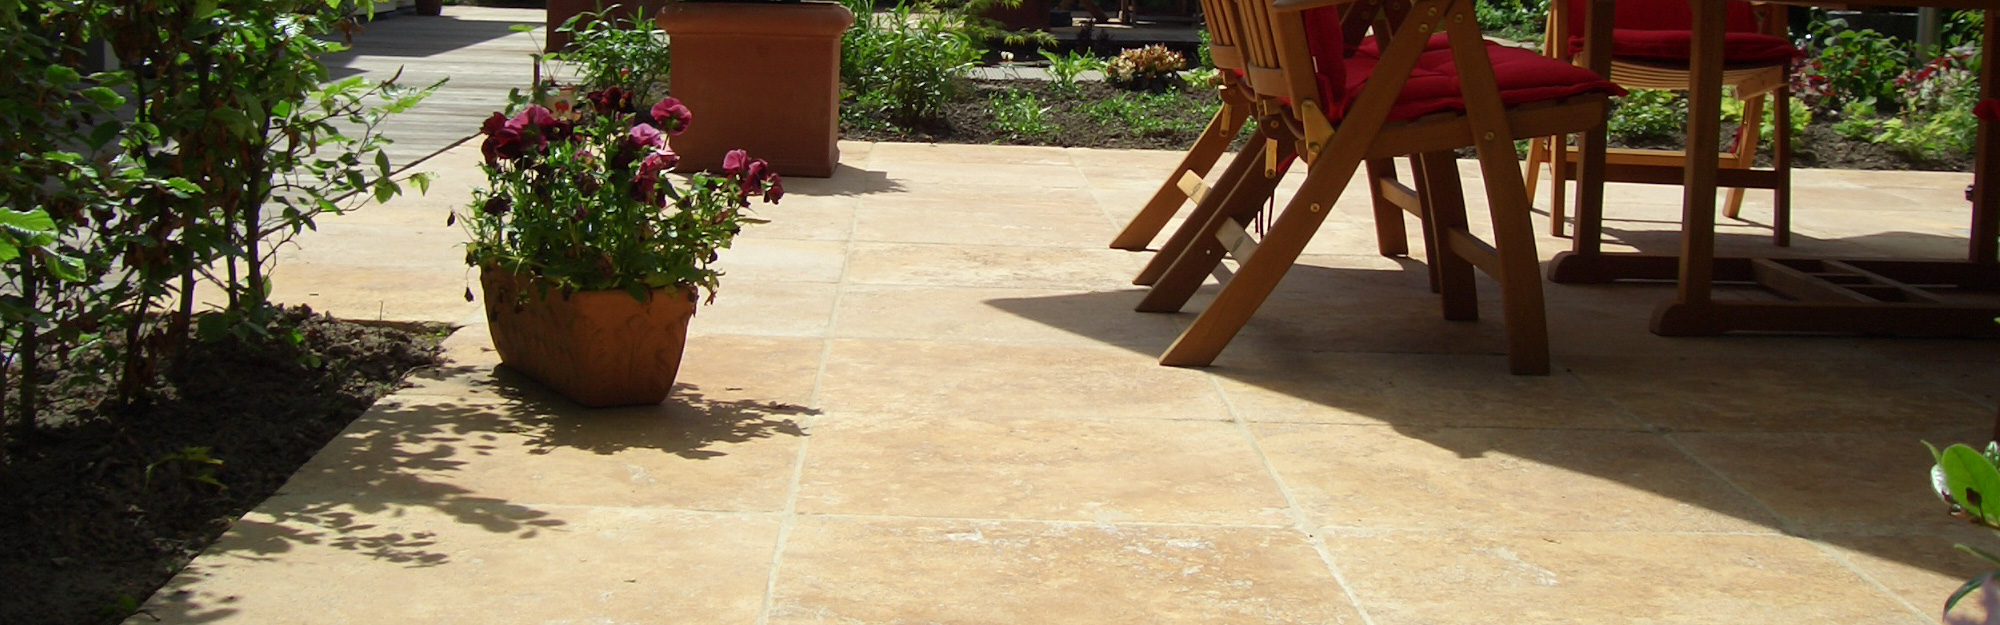 Bauen mit Naturstein - Außenbereich verschönern: Terrassen